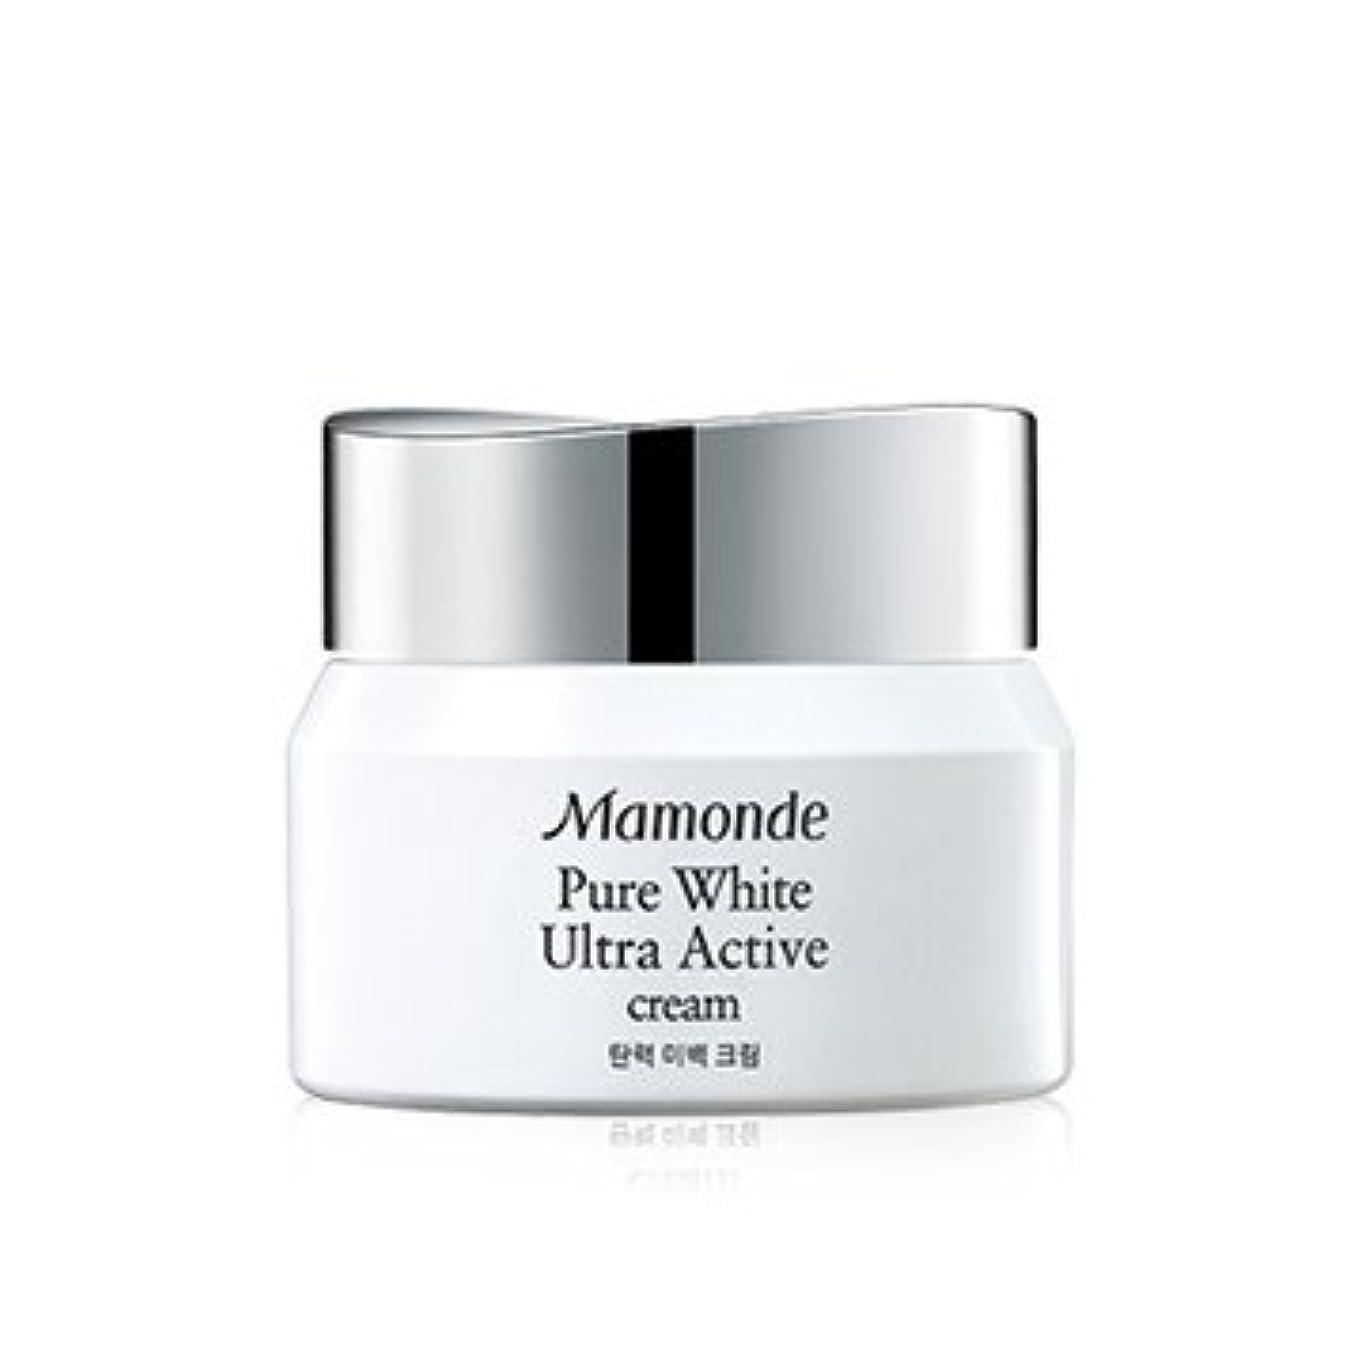 Mamonde Pure White Ultra Active Cream 50ml/マモンド ピュア ホワイト ウルトラ アクティブ クリーム 50ml [並行輸入品]